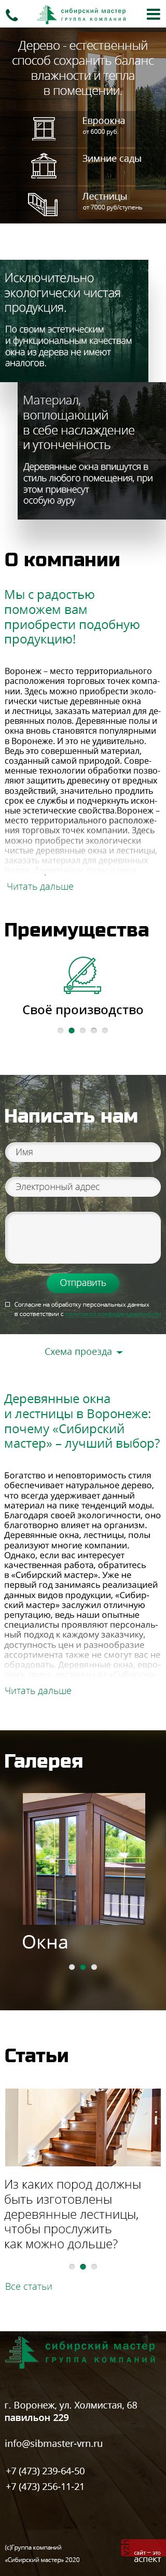 примеры сайтов производства Сибирский Мастер 320 px